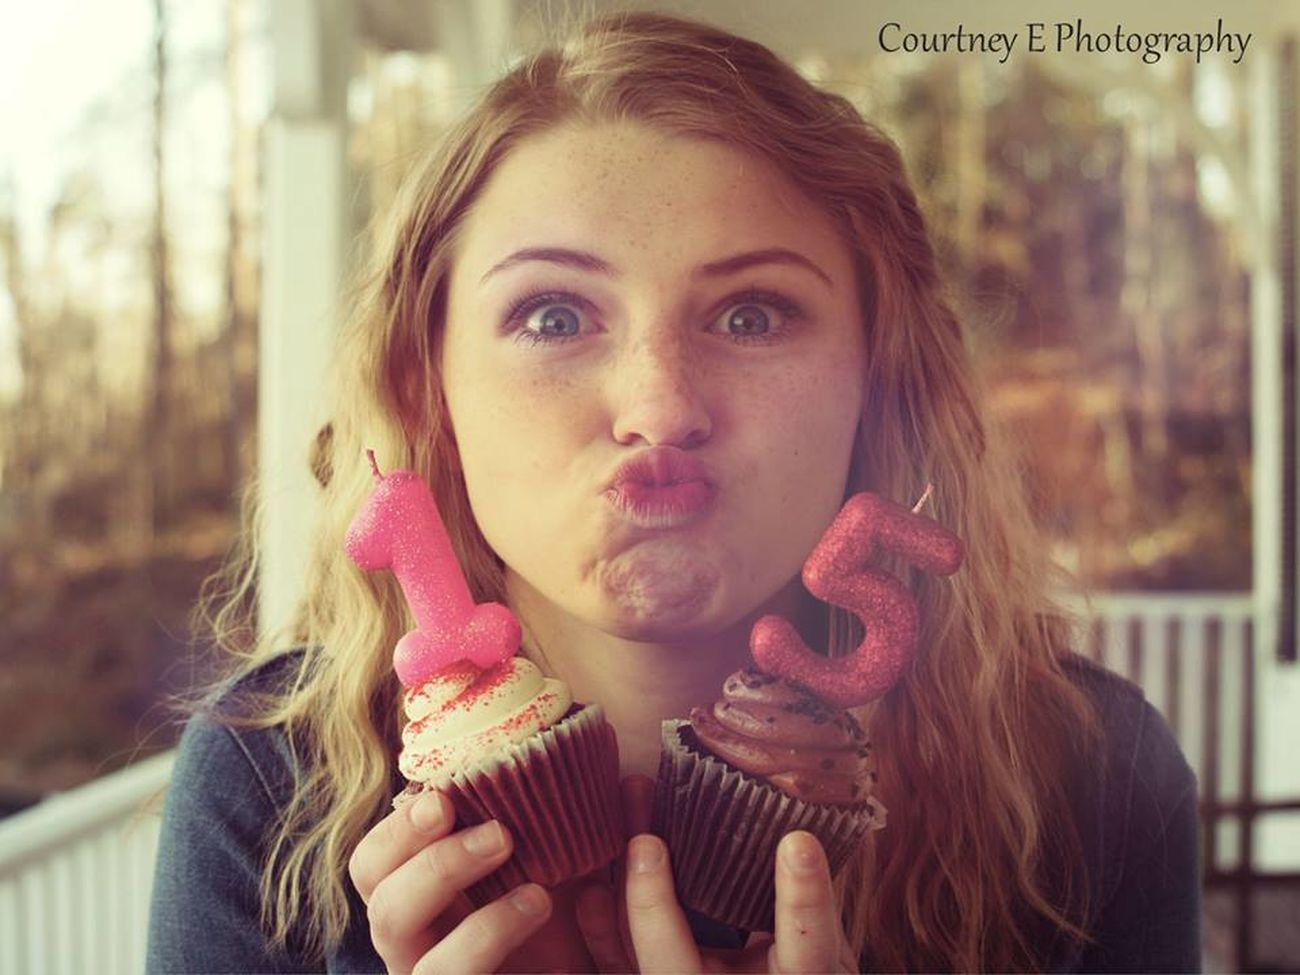 15th Birthday Happy Birthday! Courtney E Photography The Portraitist - 2014 EyeEm Awards